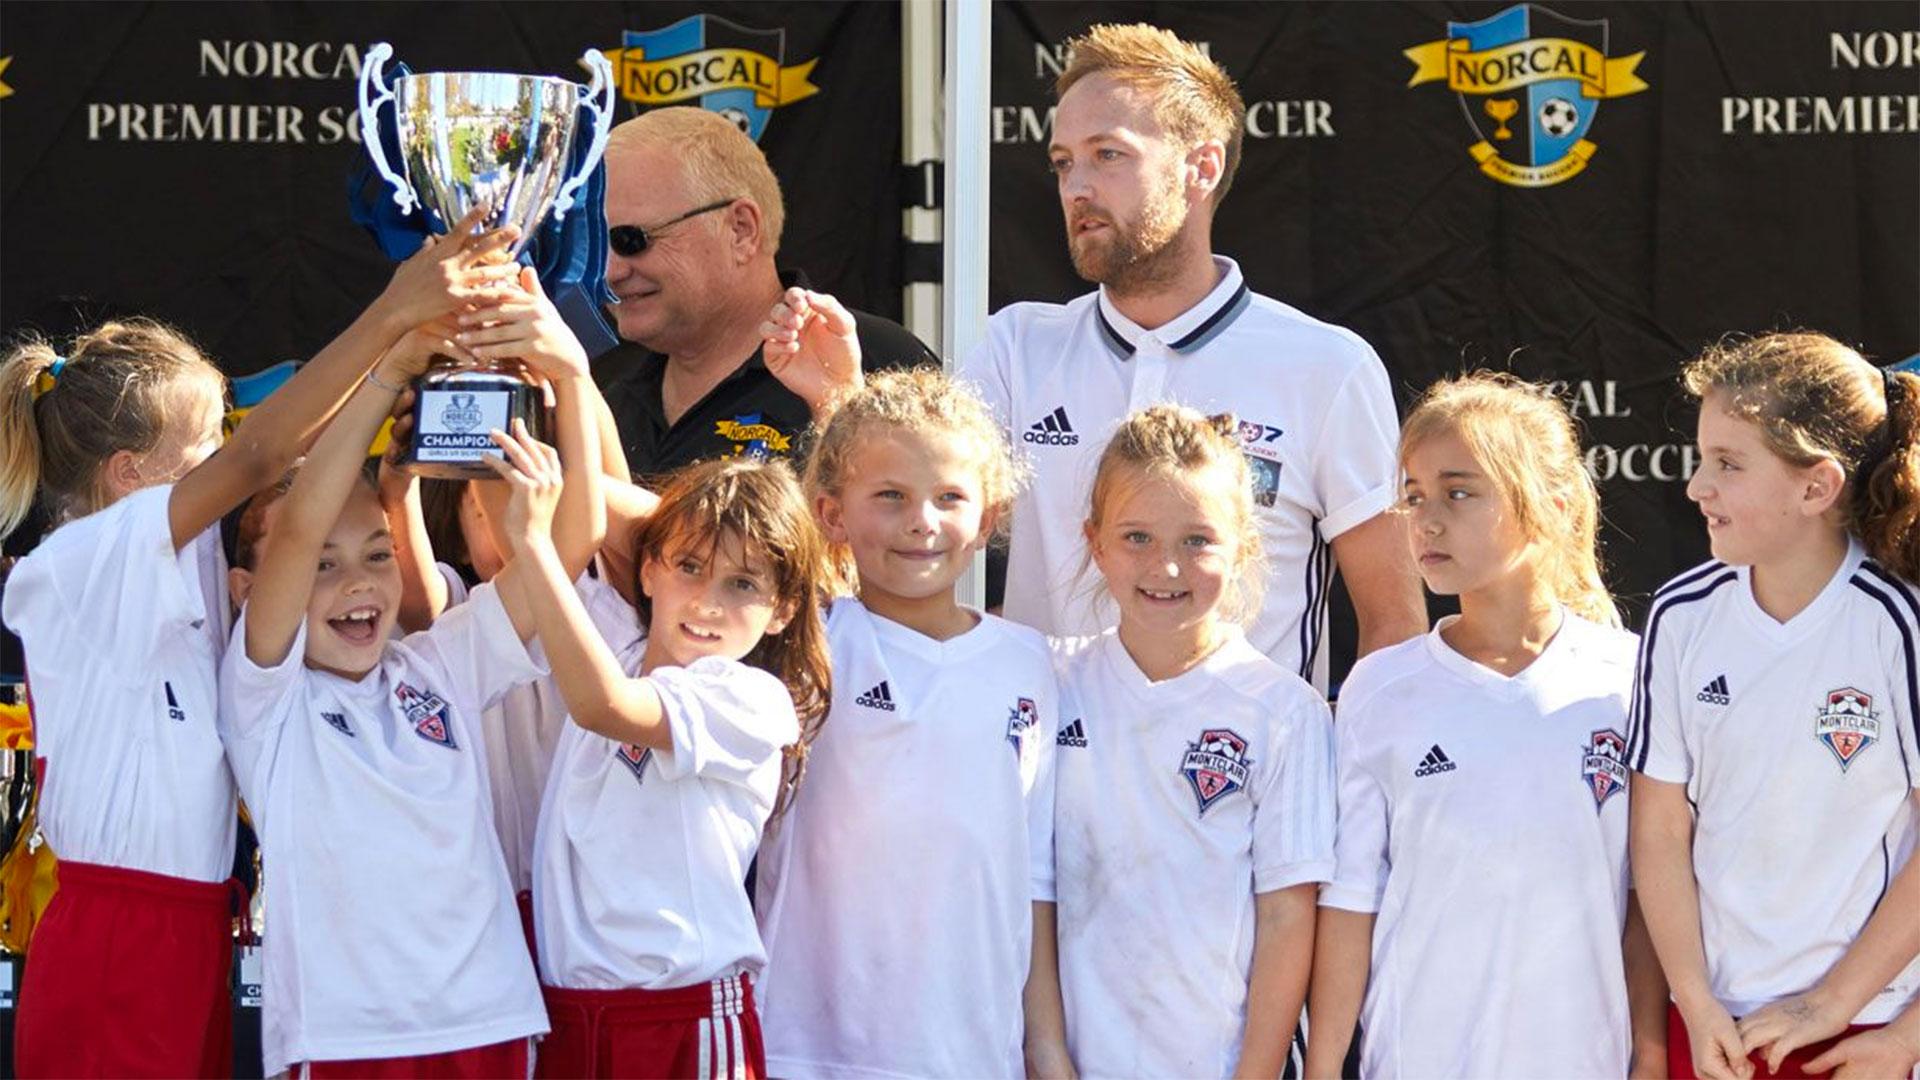 Los clubes organizan torneos regionales para fomentar la competencia